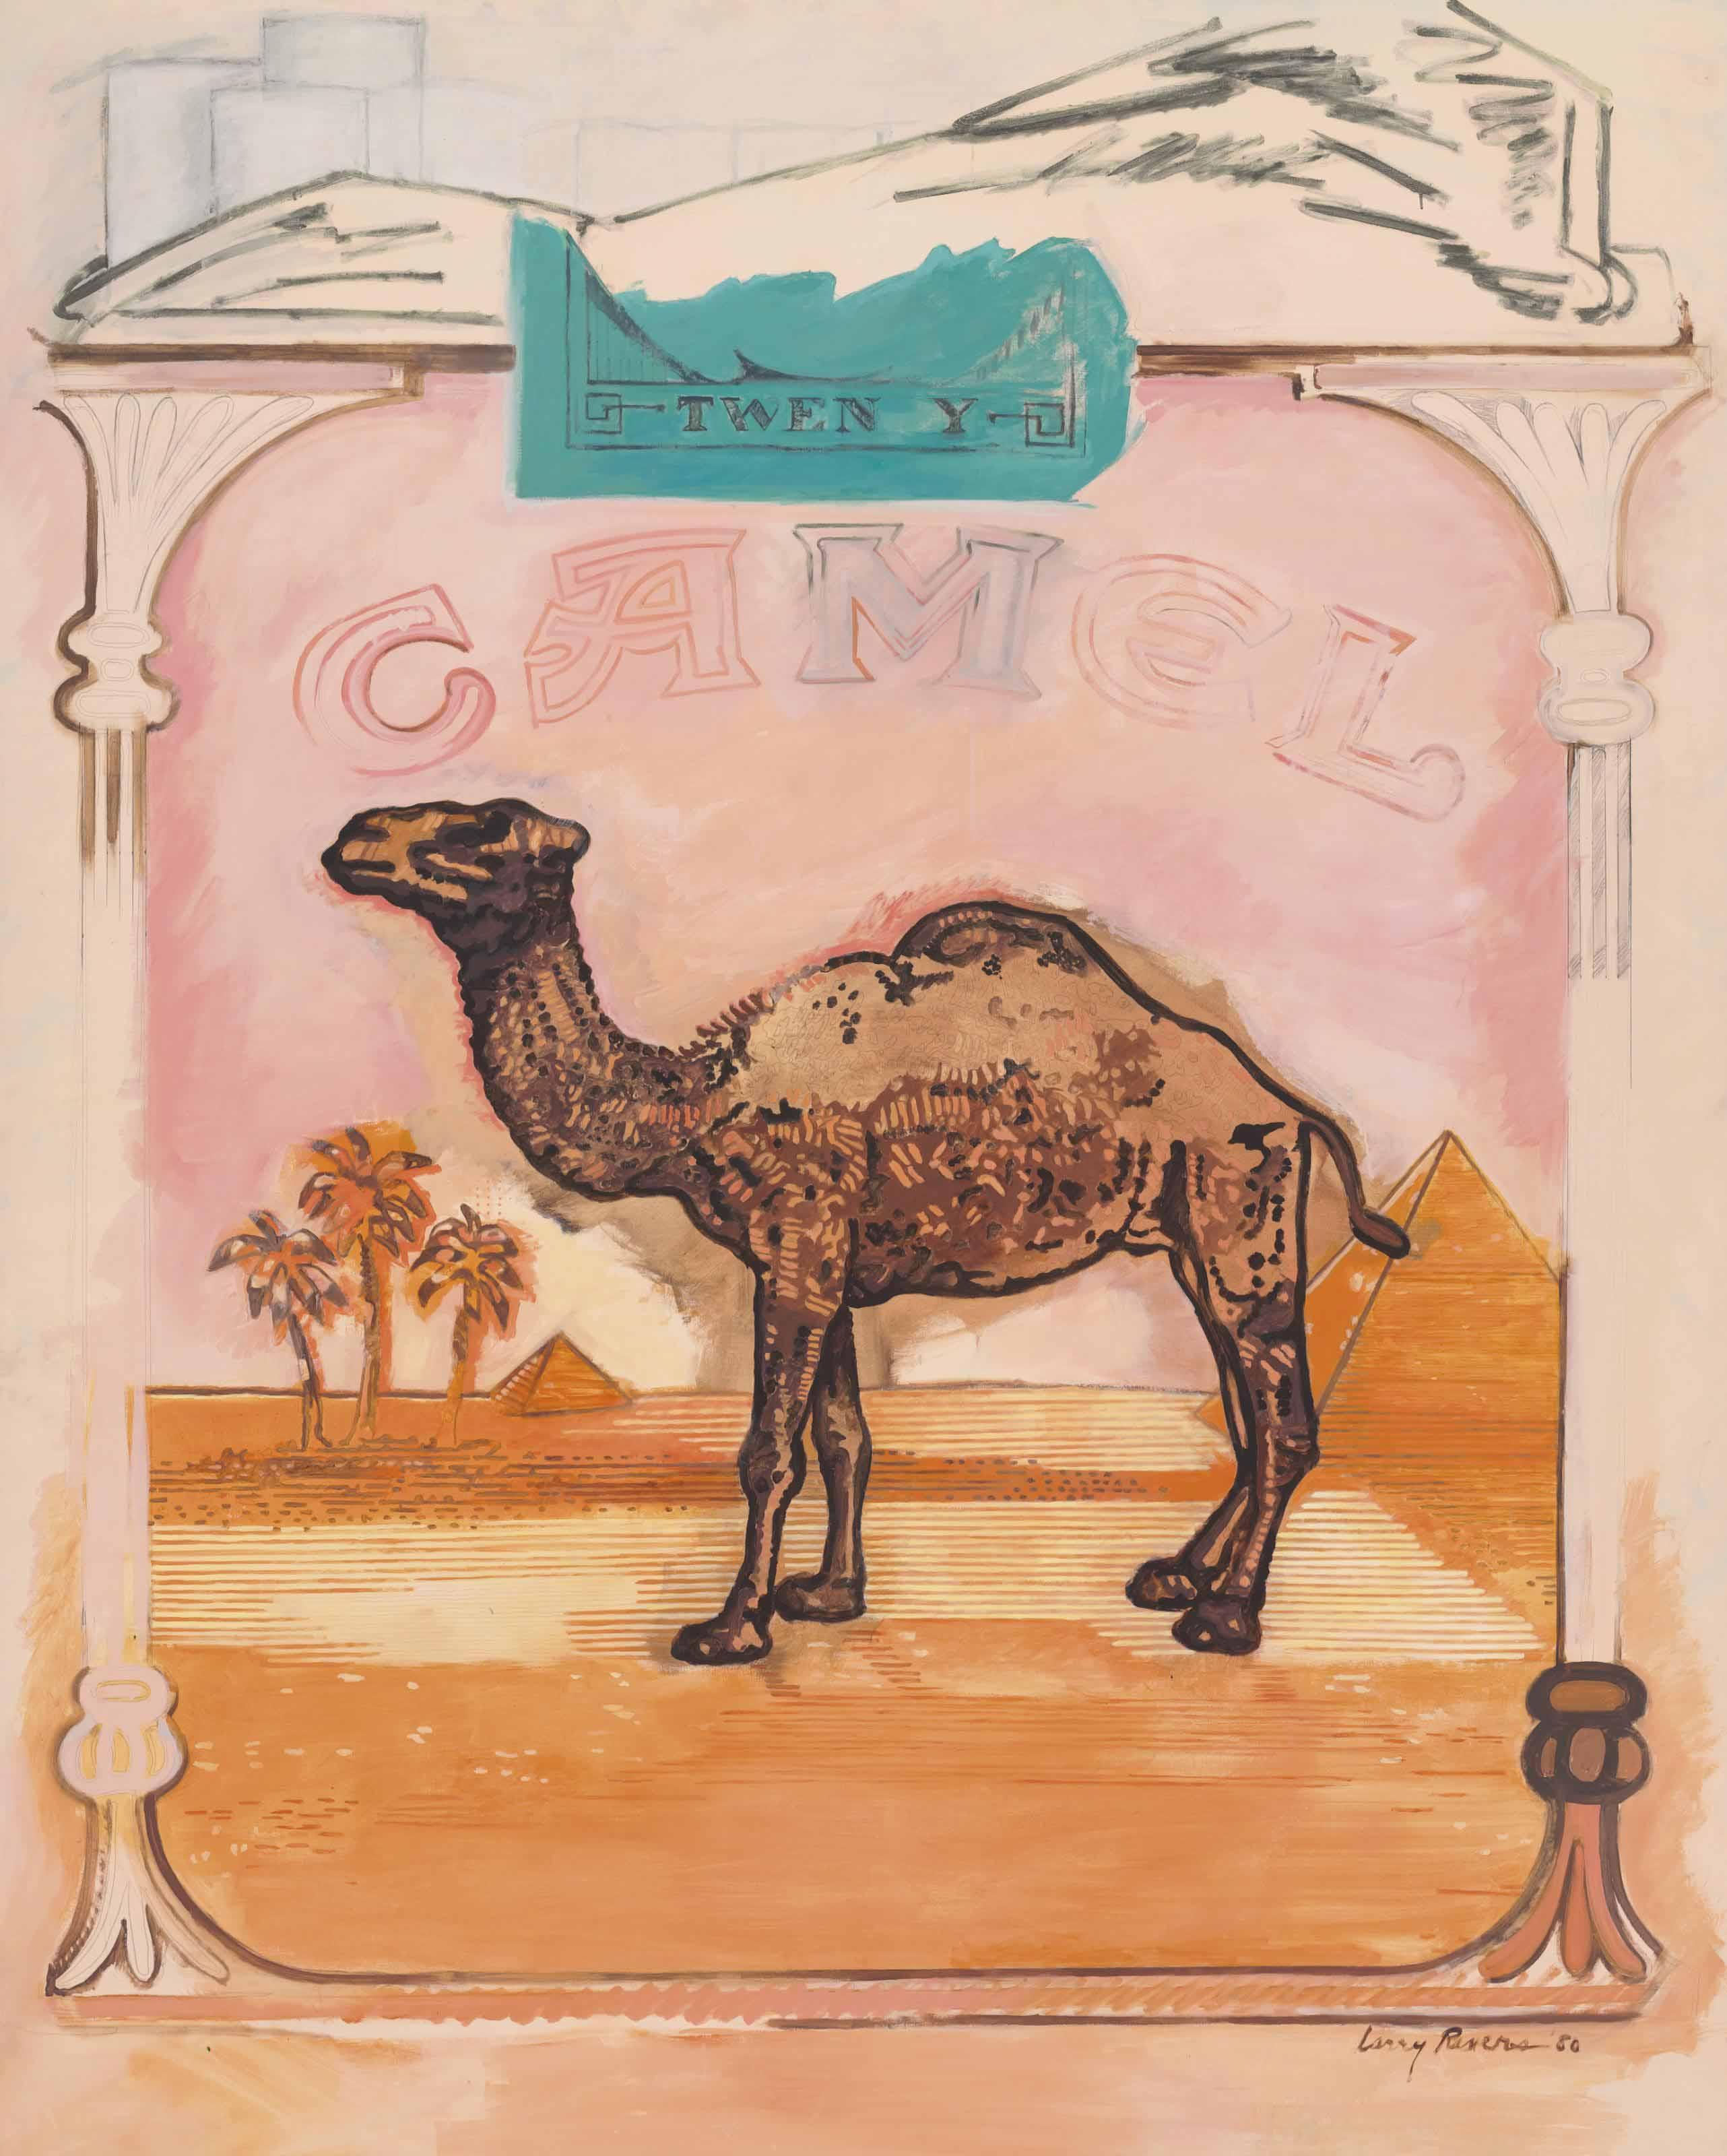 Beyond Camels